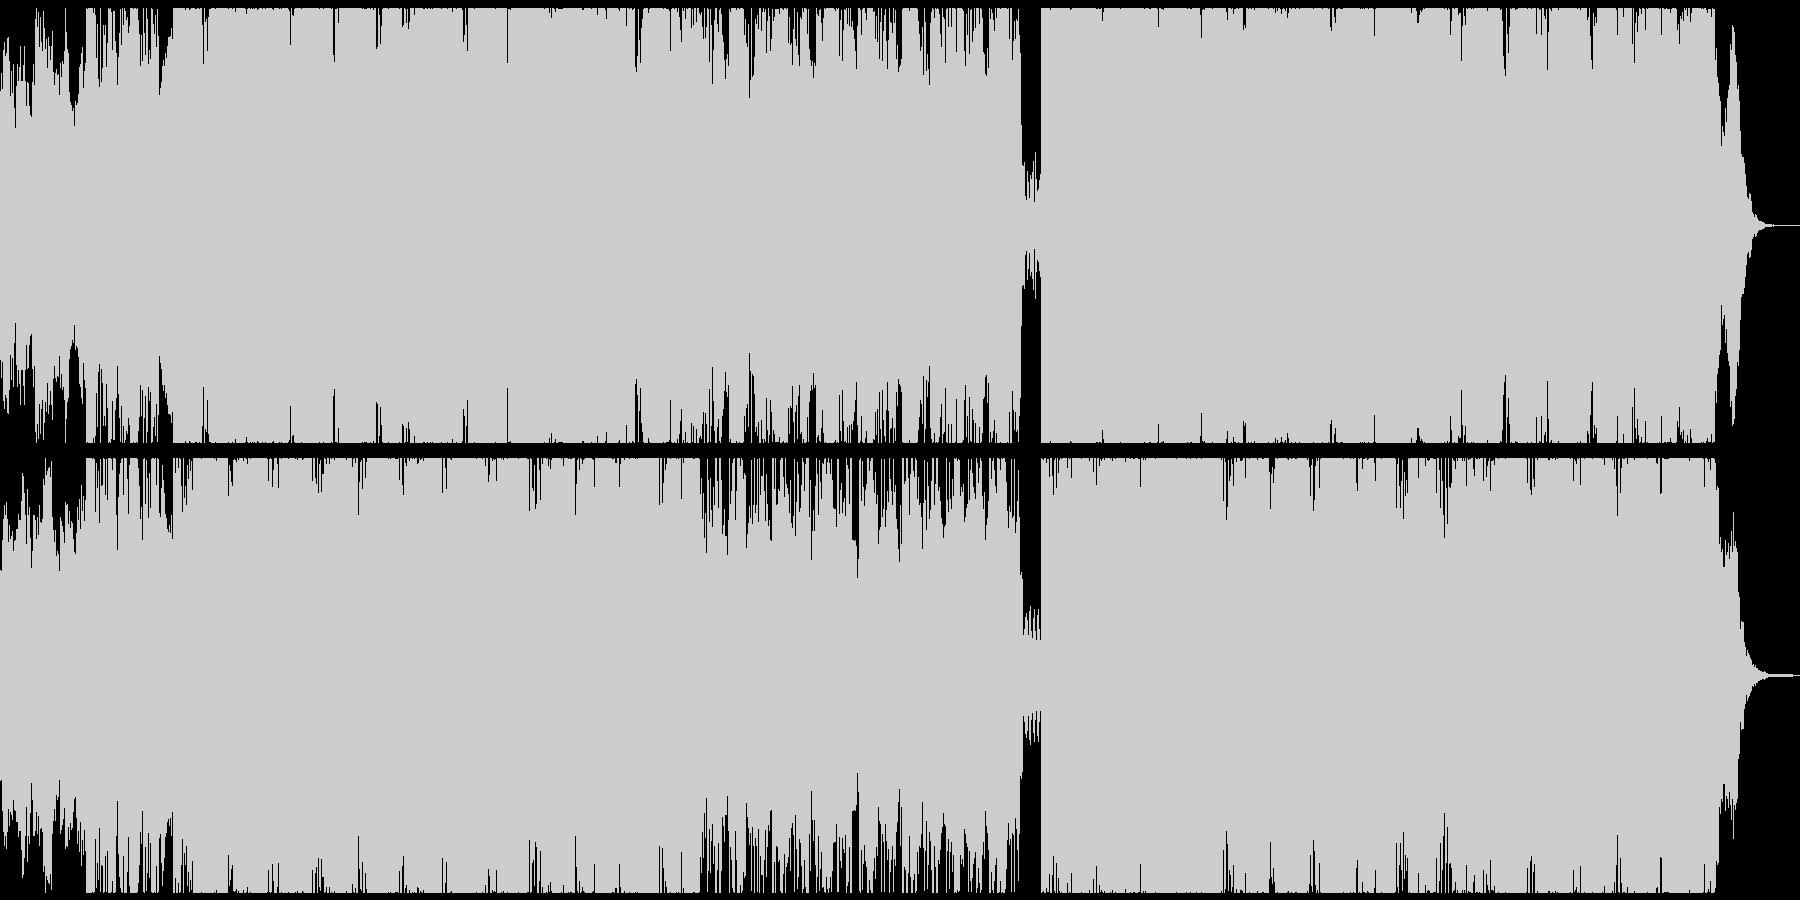 サイコホラーのOPみたいなホラー曲の未再生の波形